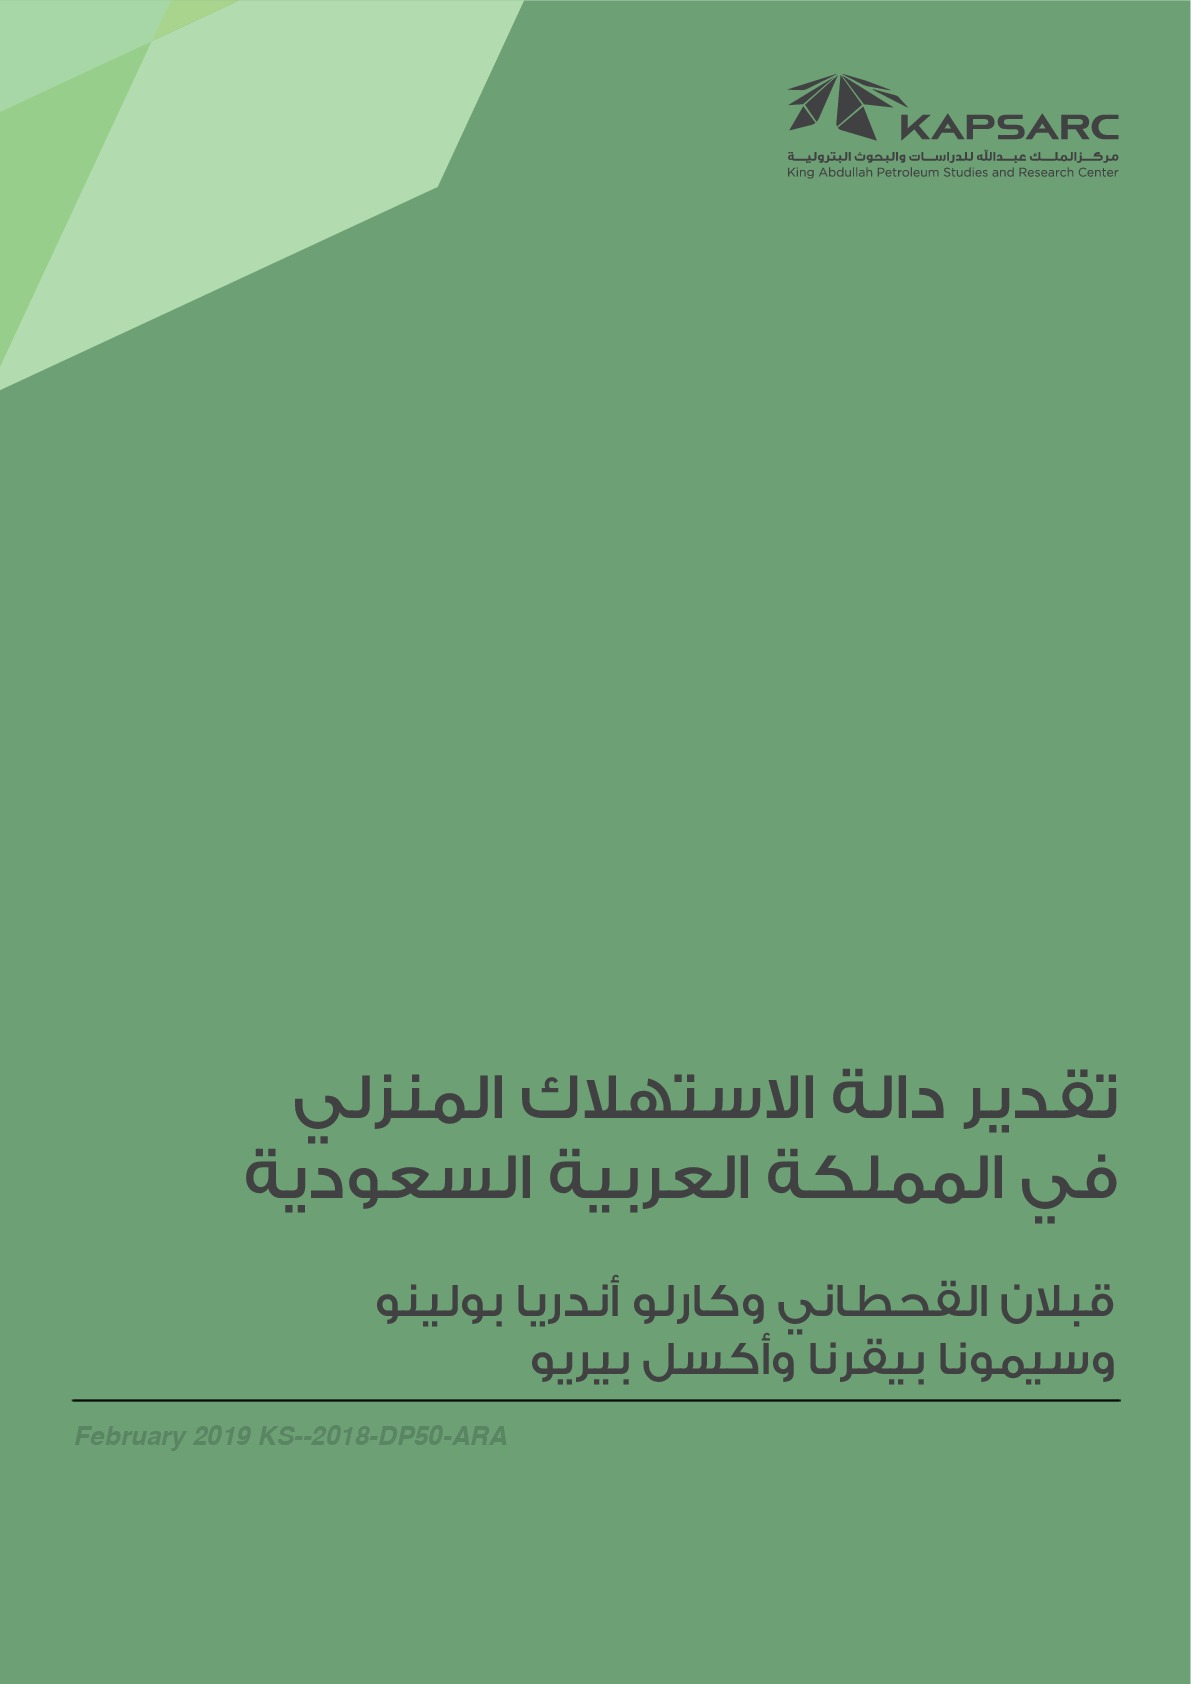 تقدير دالة الاستهلاك المنزلي في المملكة العربية السعودية